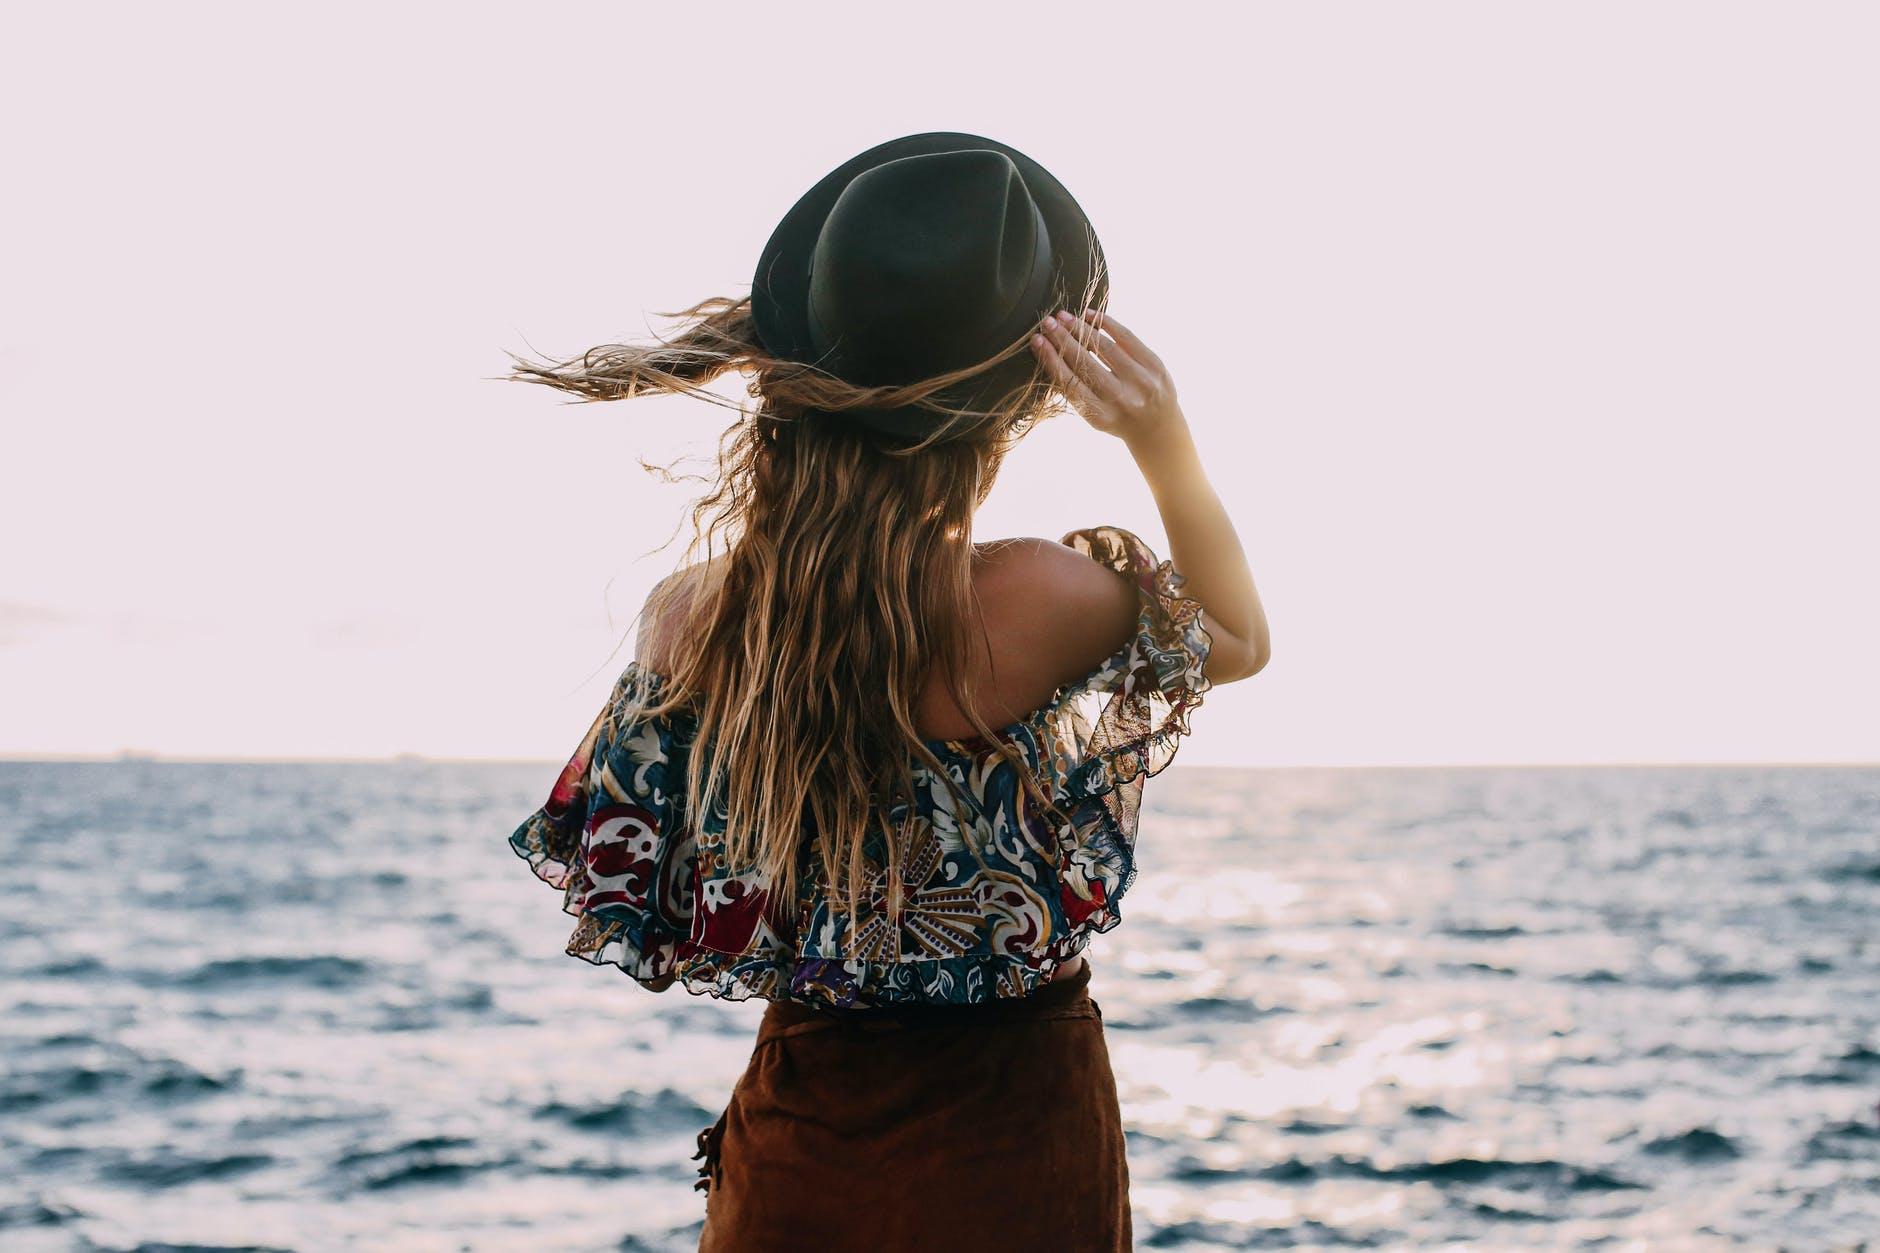 stylish woman enjoying windy day on coast